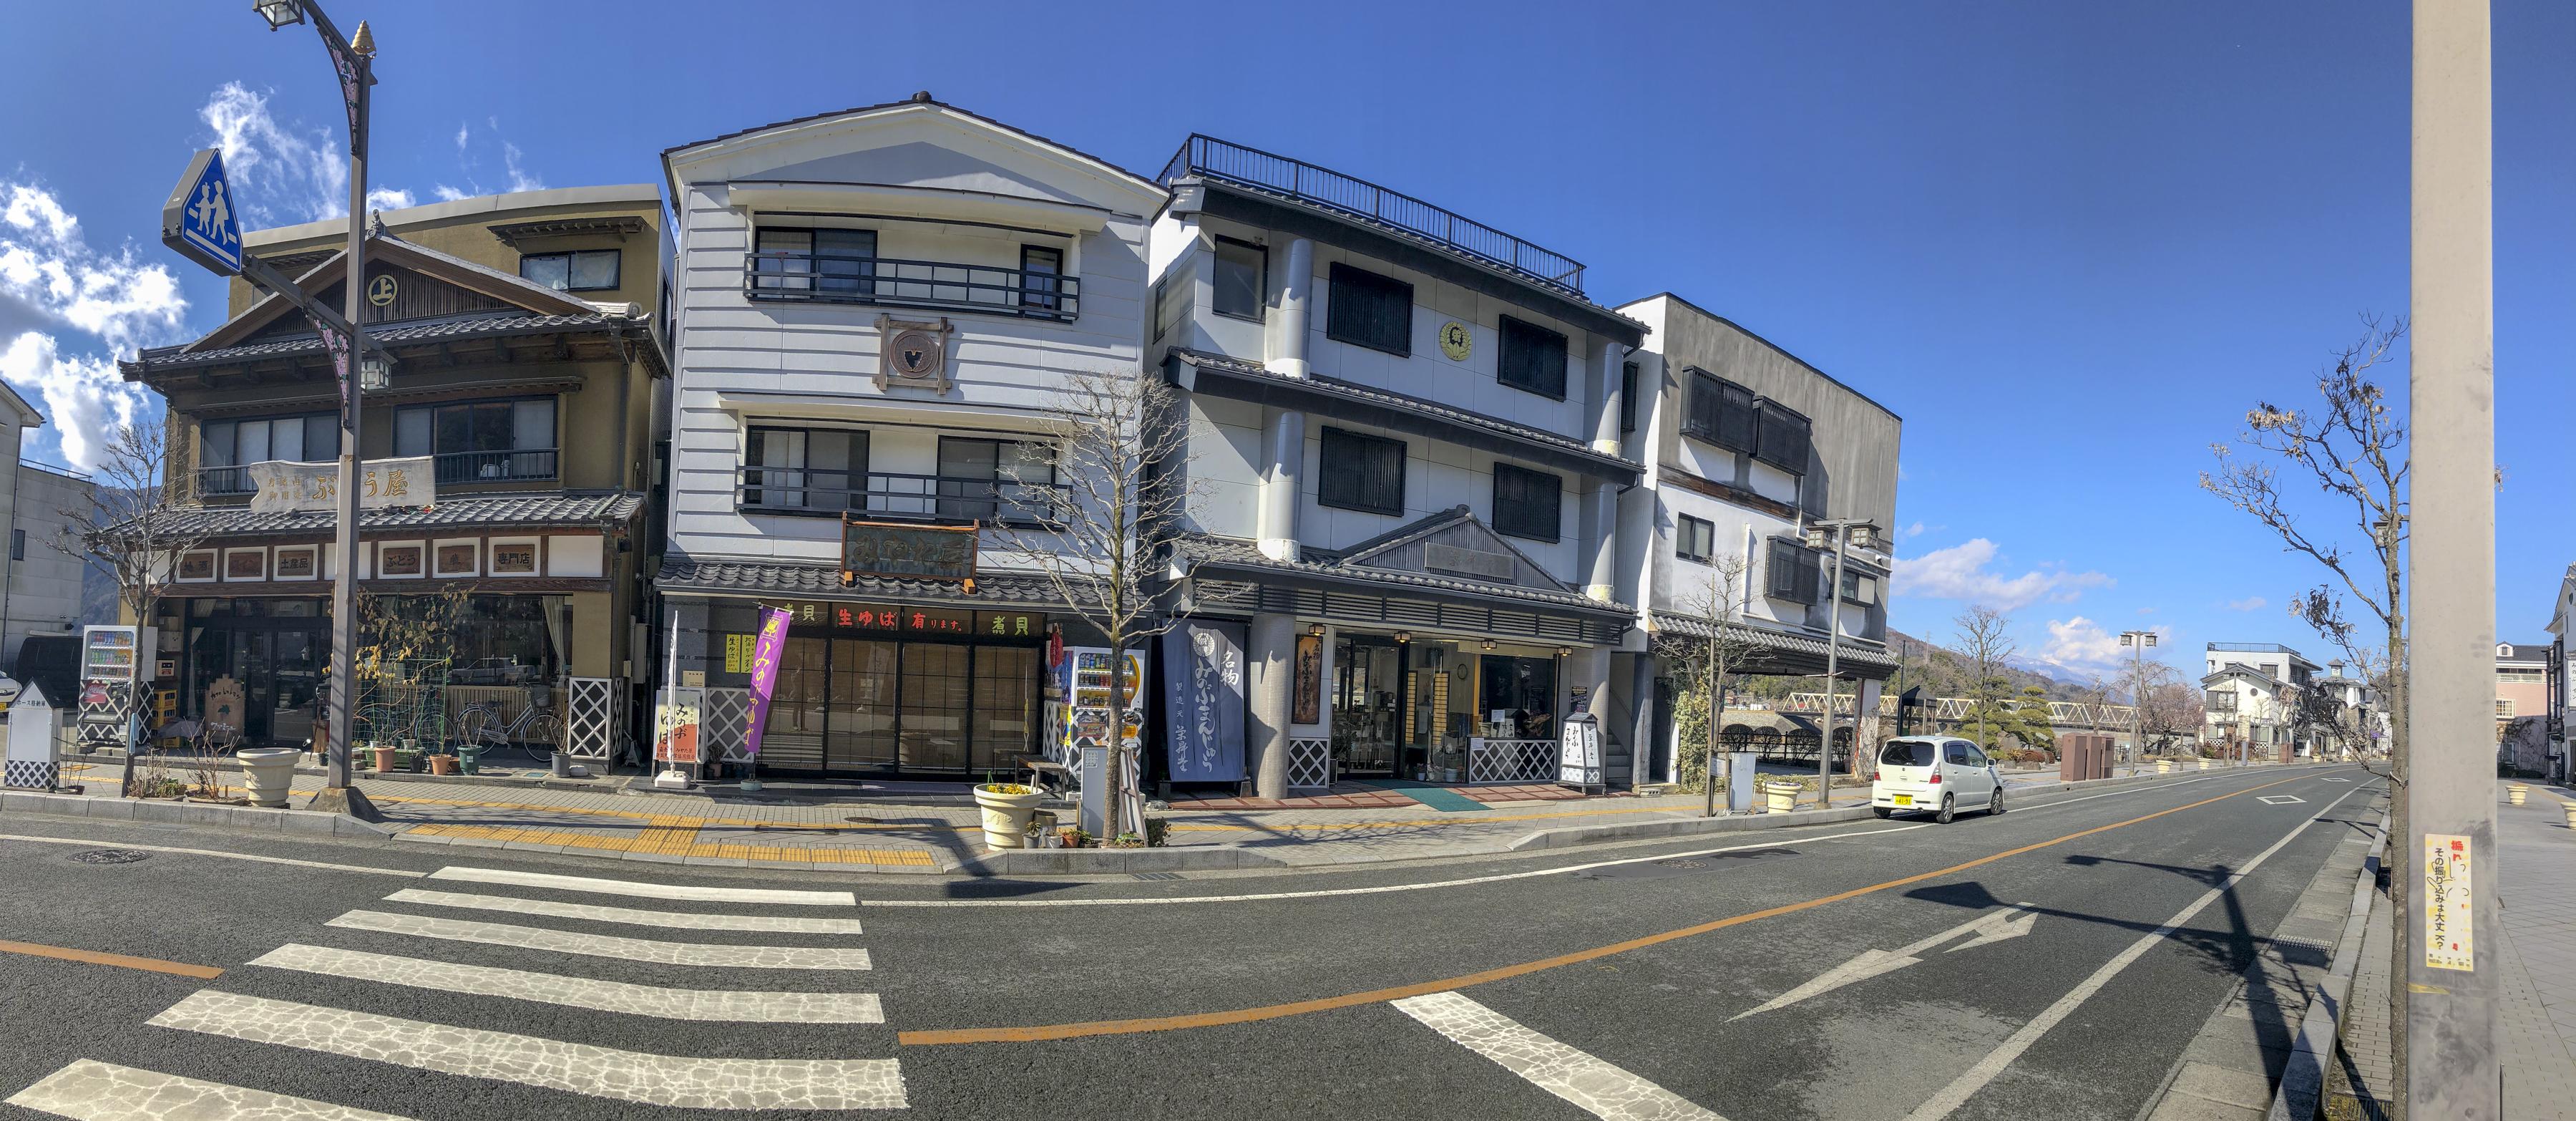 f:id:mitatowa:20180208214949j:plain